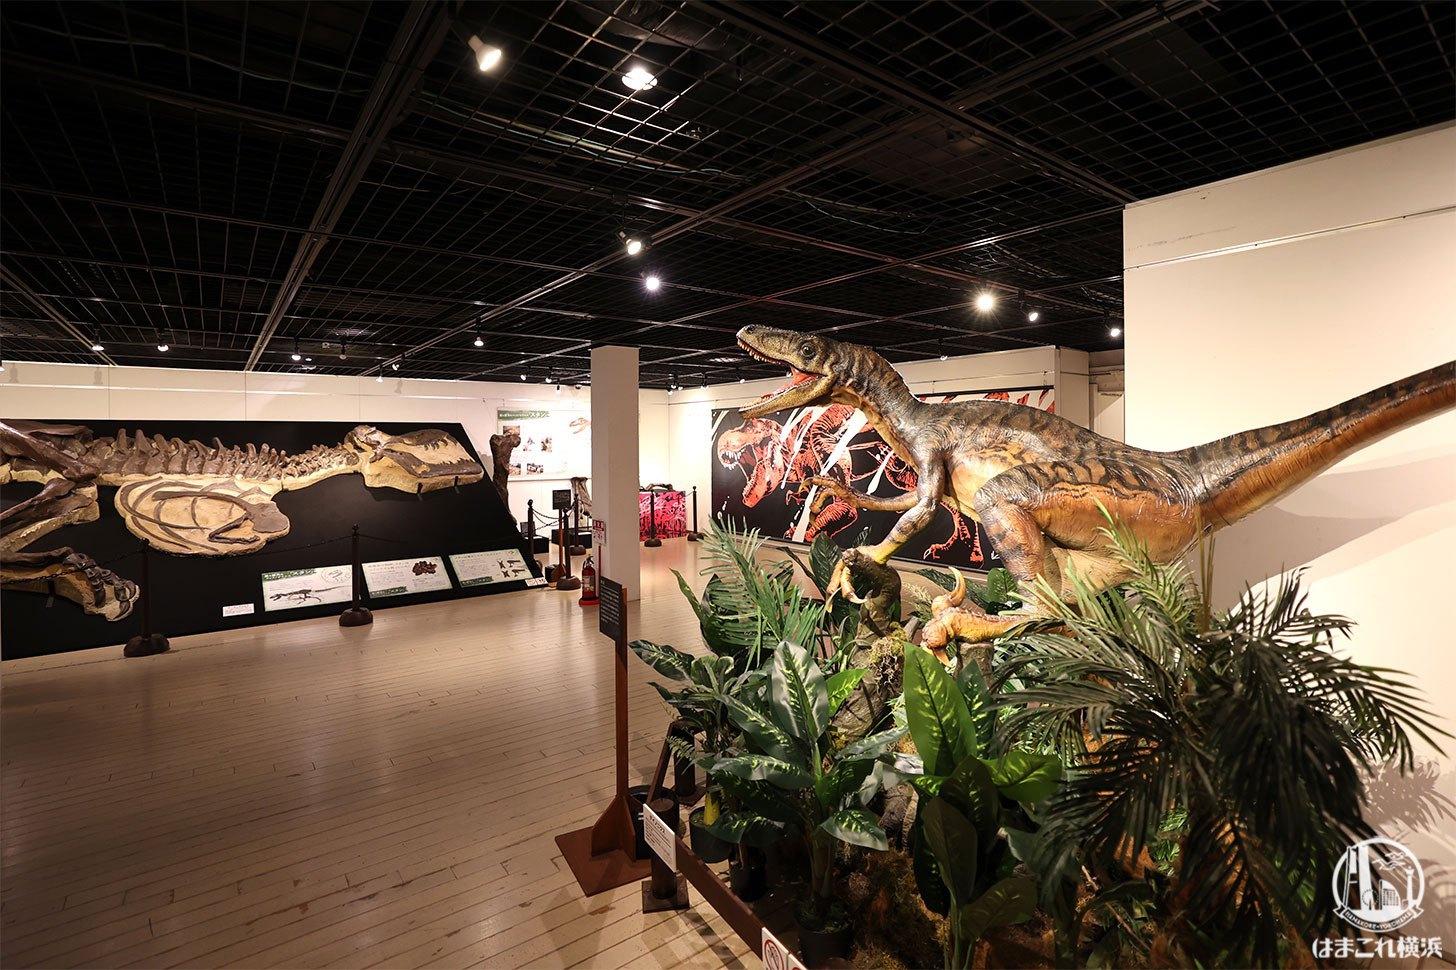 """横浜赤レンガ倉庫の""""恐竜展""""内容濃くて楽しすぎ!アートとコラボで親近感も倍増"""